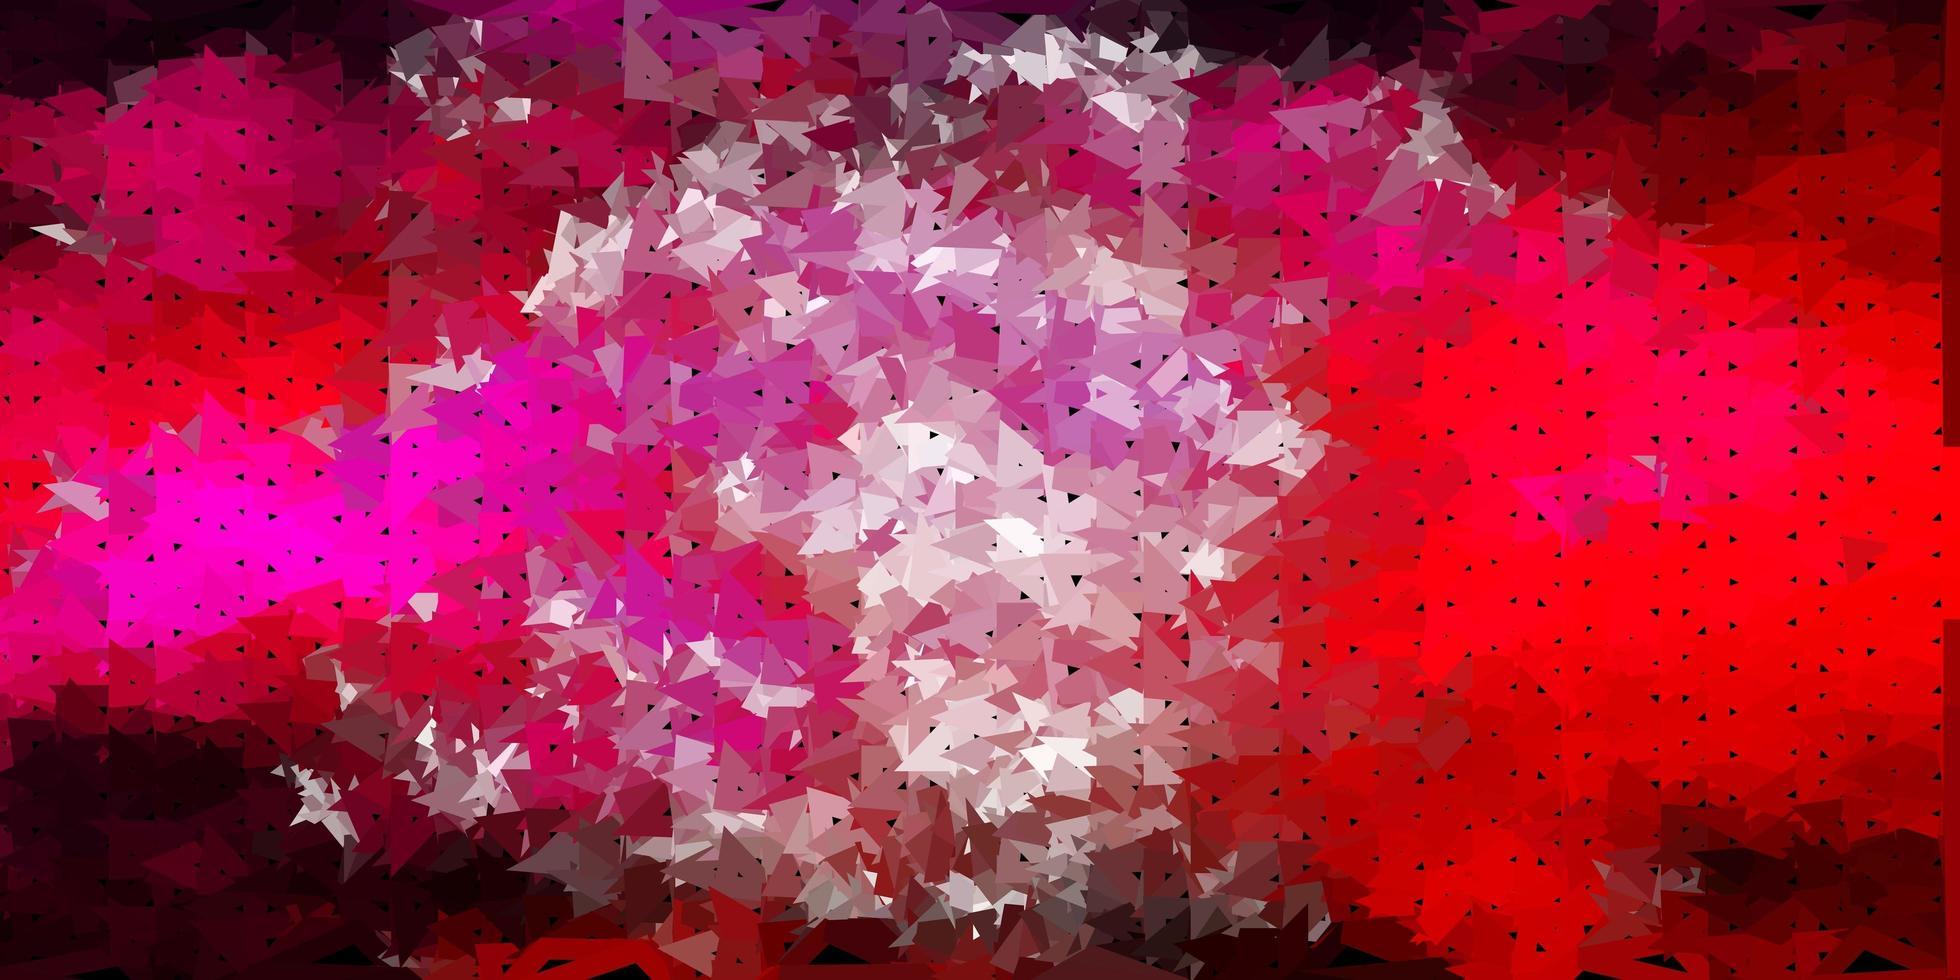 ljusrosa vektor gradient polygon design.